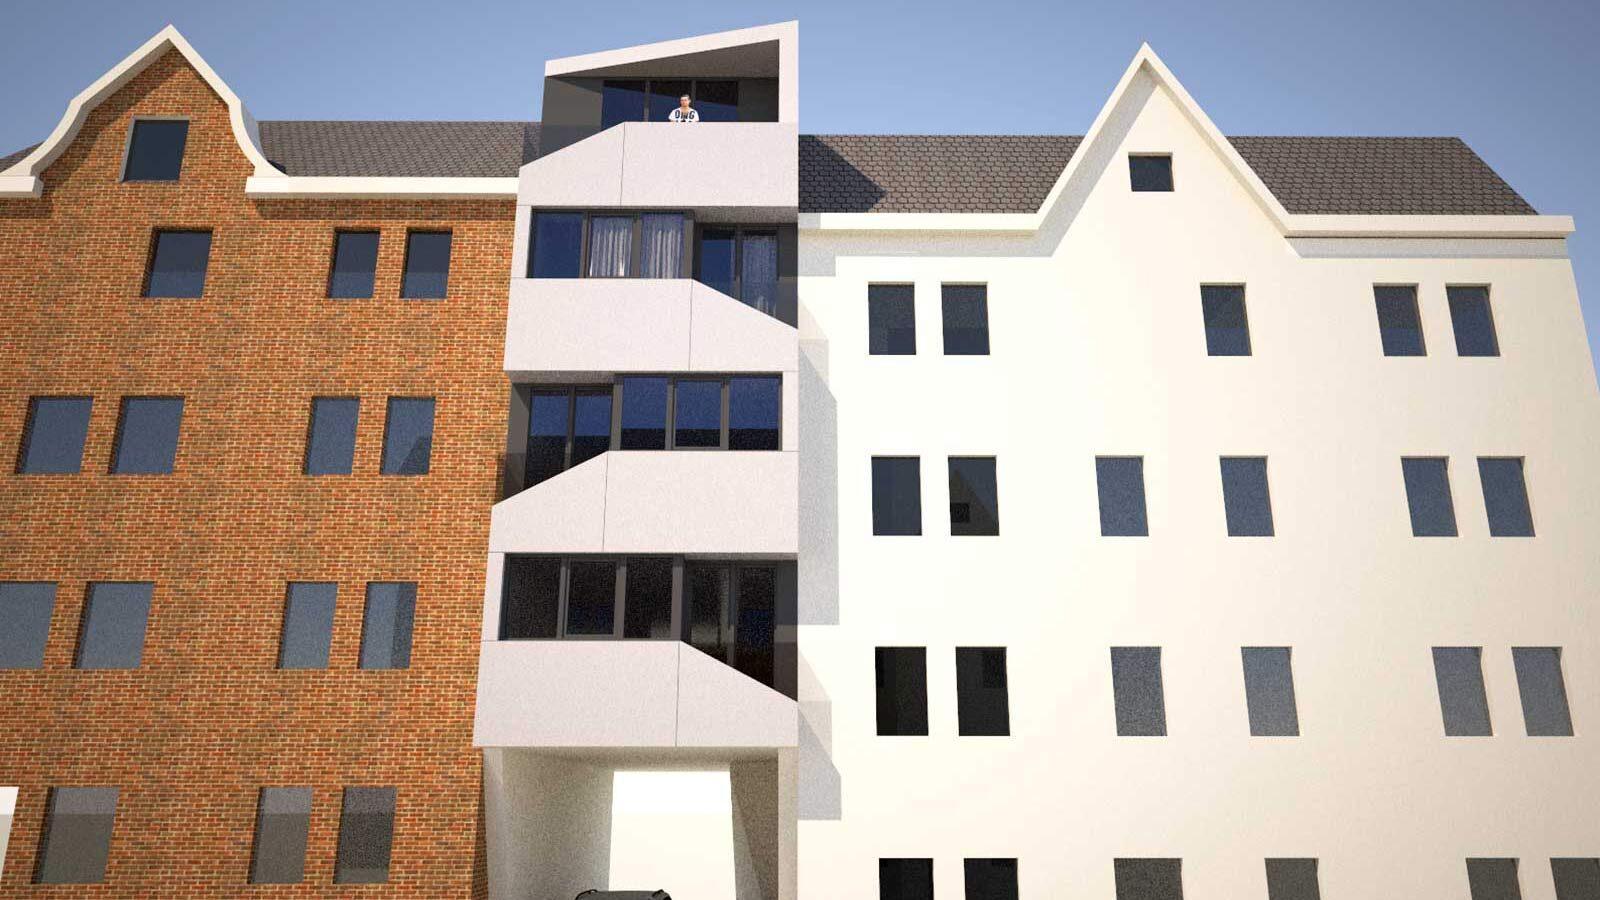 Architekt Ladwig, Baulücke Kiel